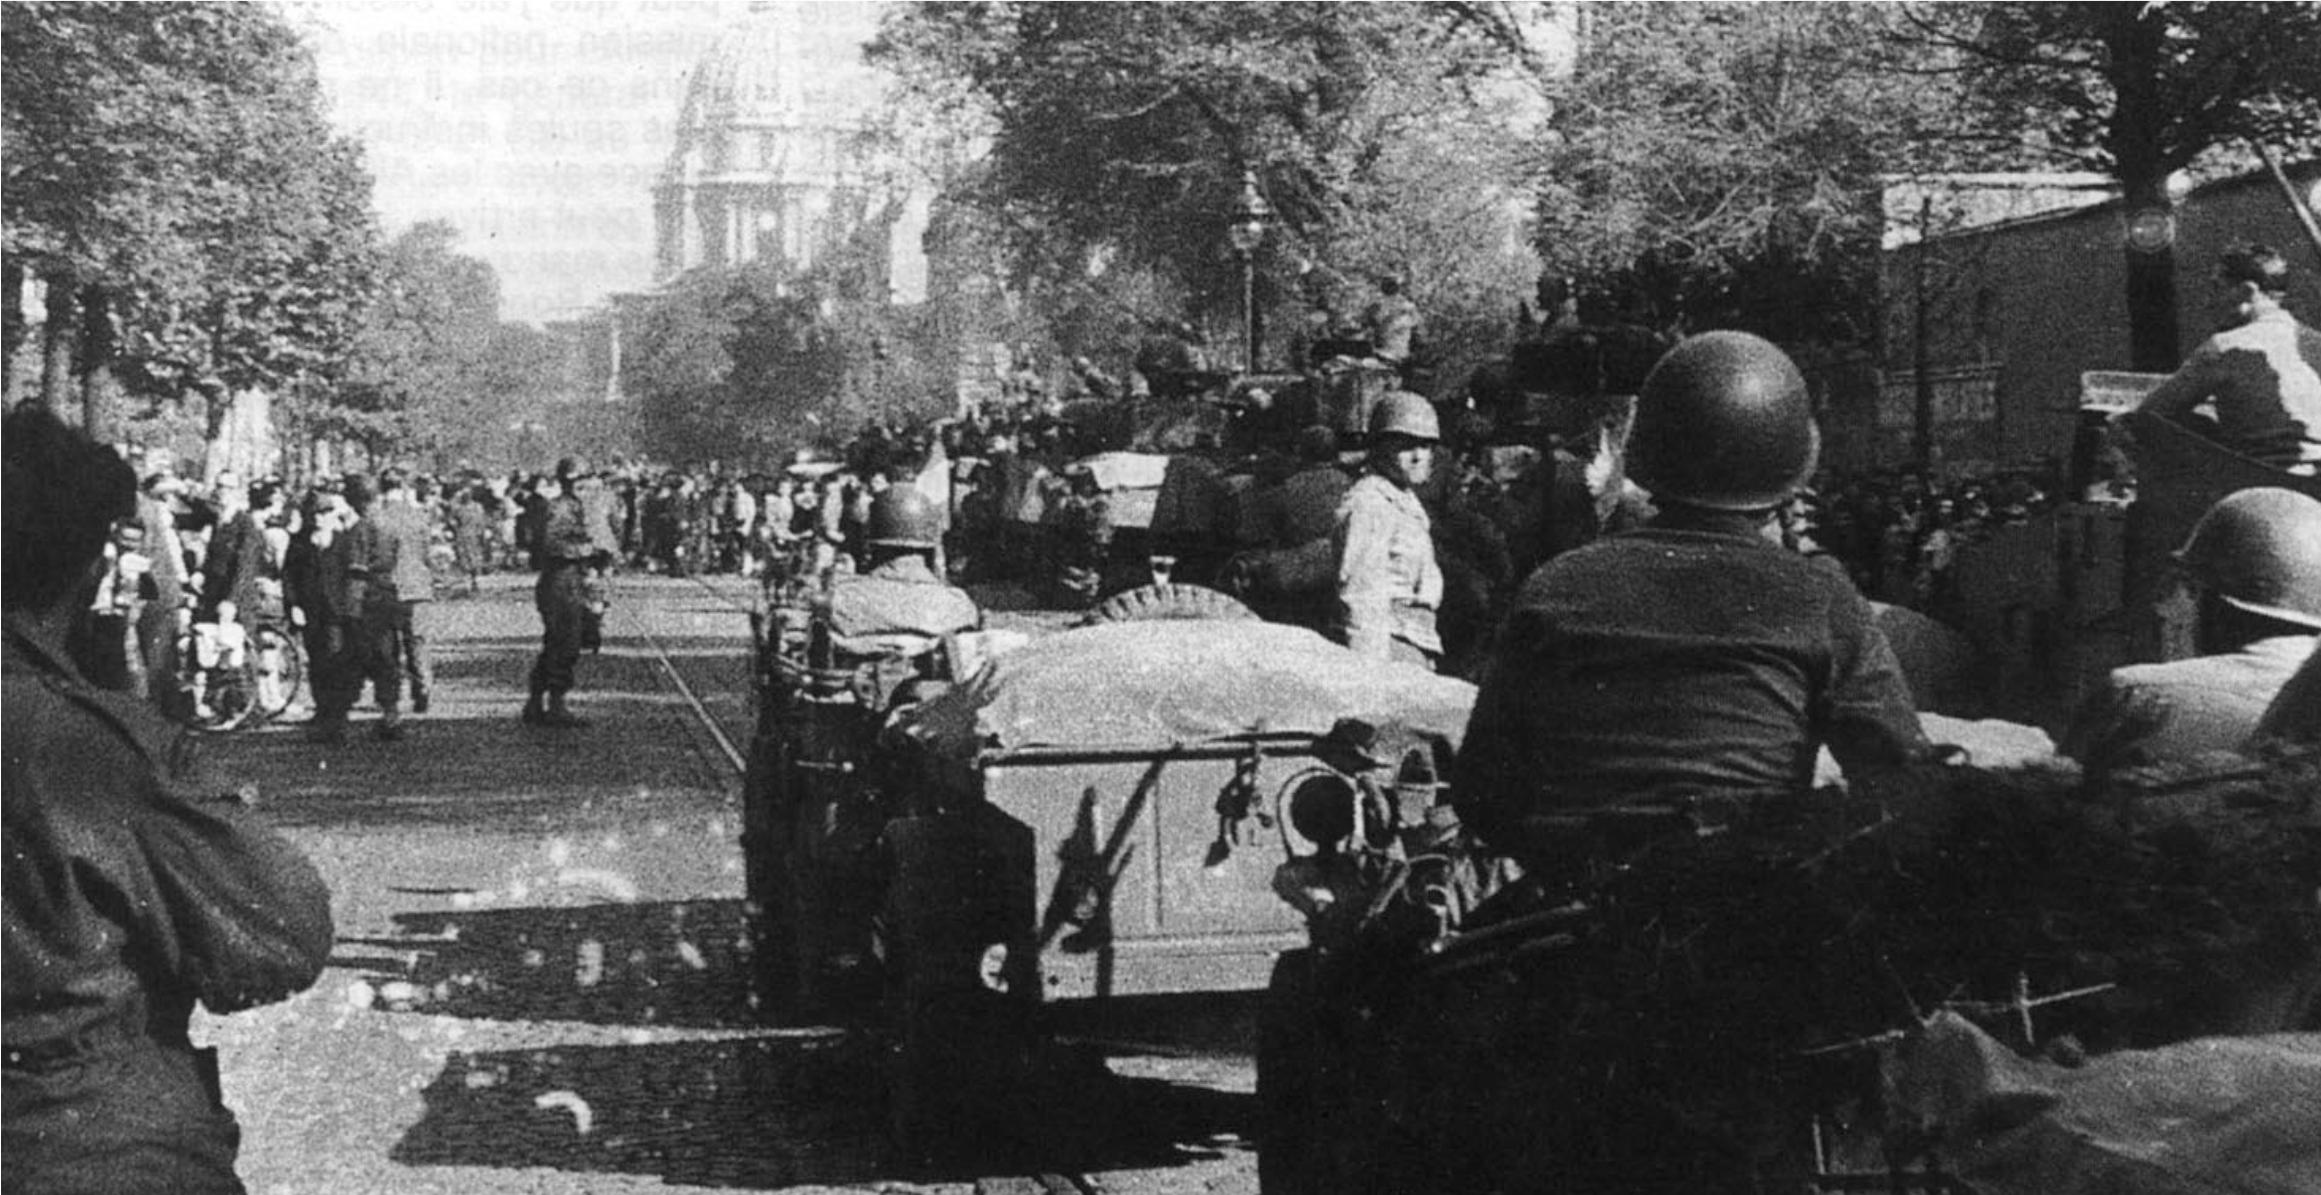 La 2e DB et la libération de Paris